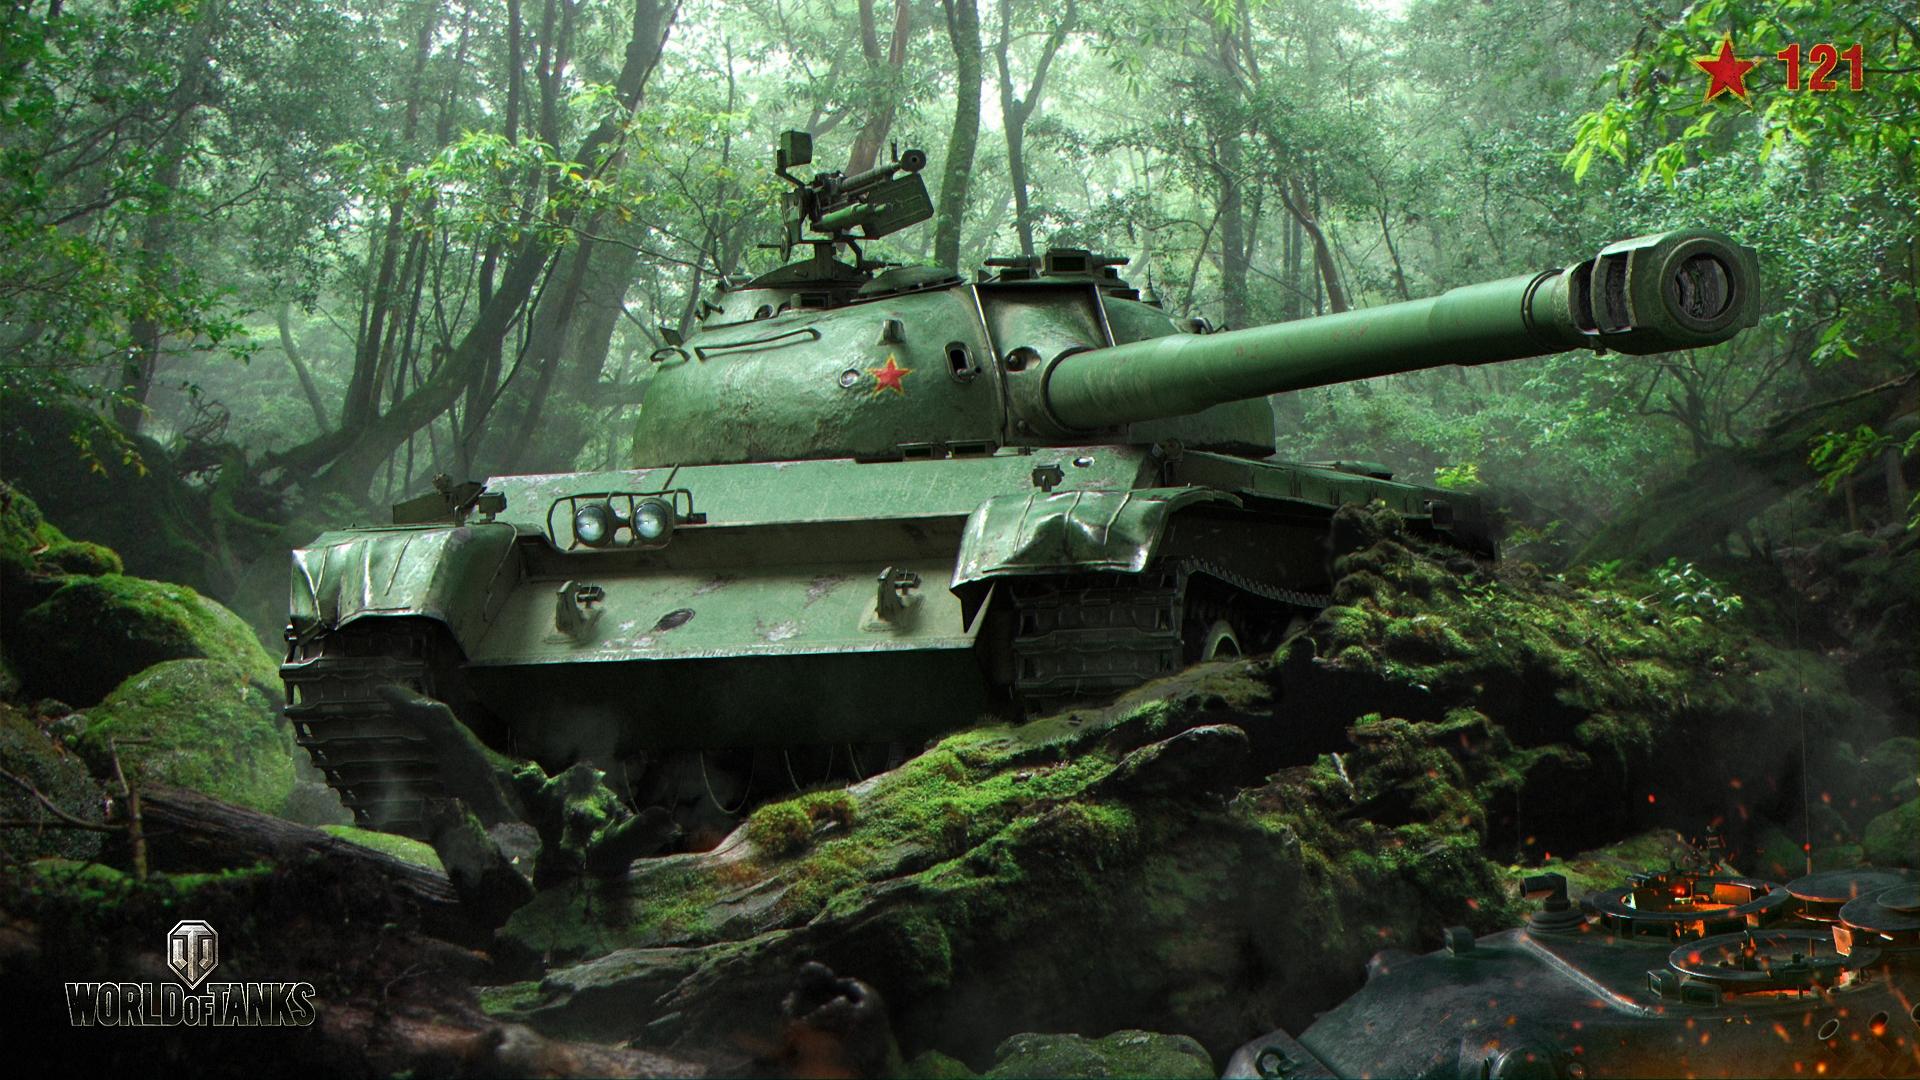 Ворлд оф танкс скачать картинки   на заставку (7)